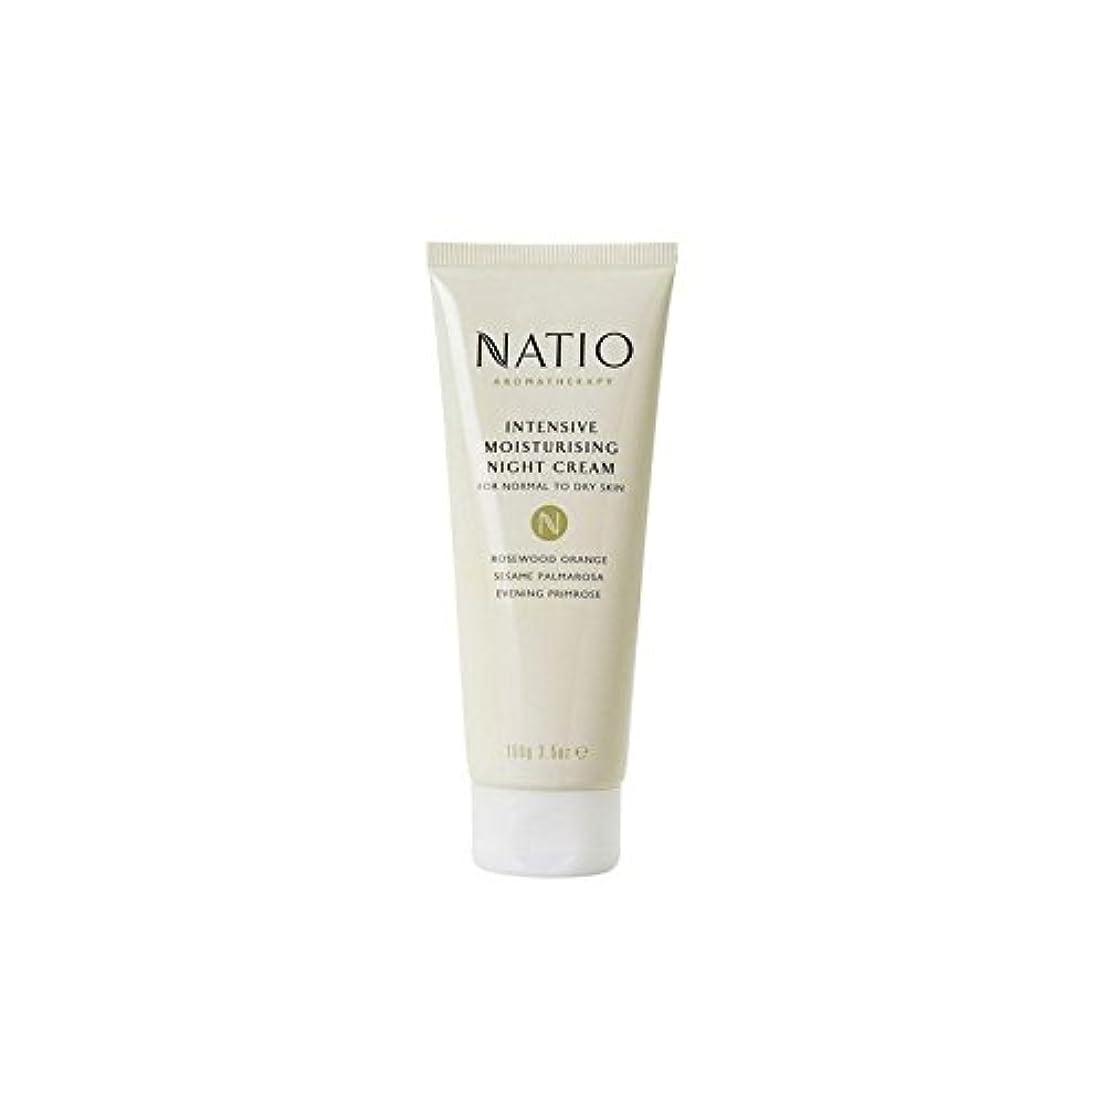 チップ講堂サドルNatio Intensive Moisturising Night Cream (100G) - 集中的な保湿ナイトクリーム(100グラム) [並行輸入品]